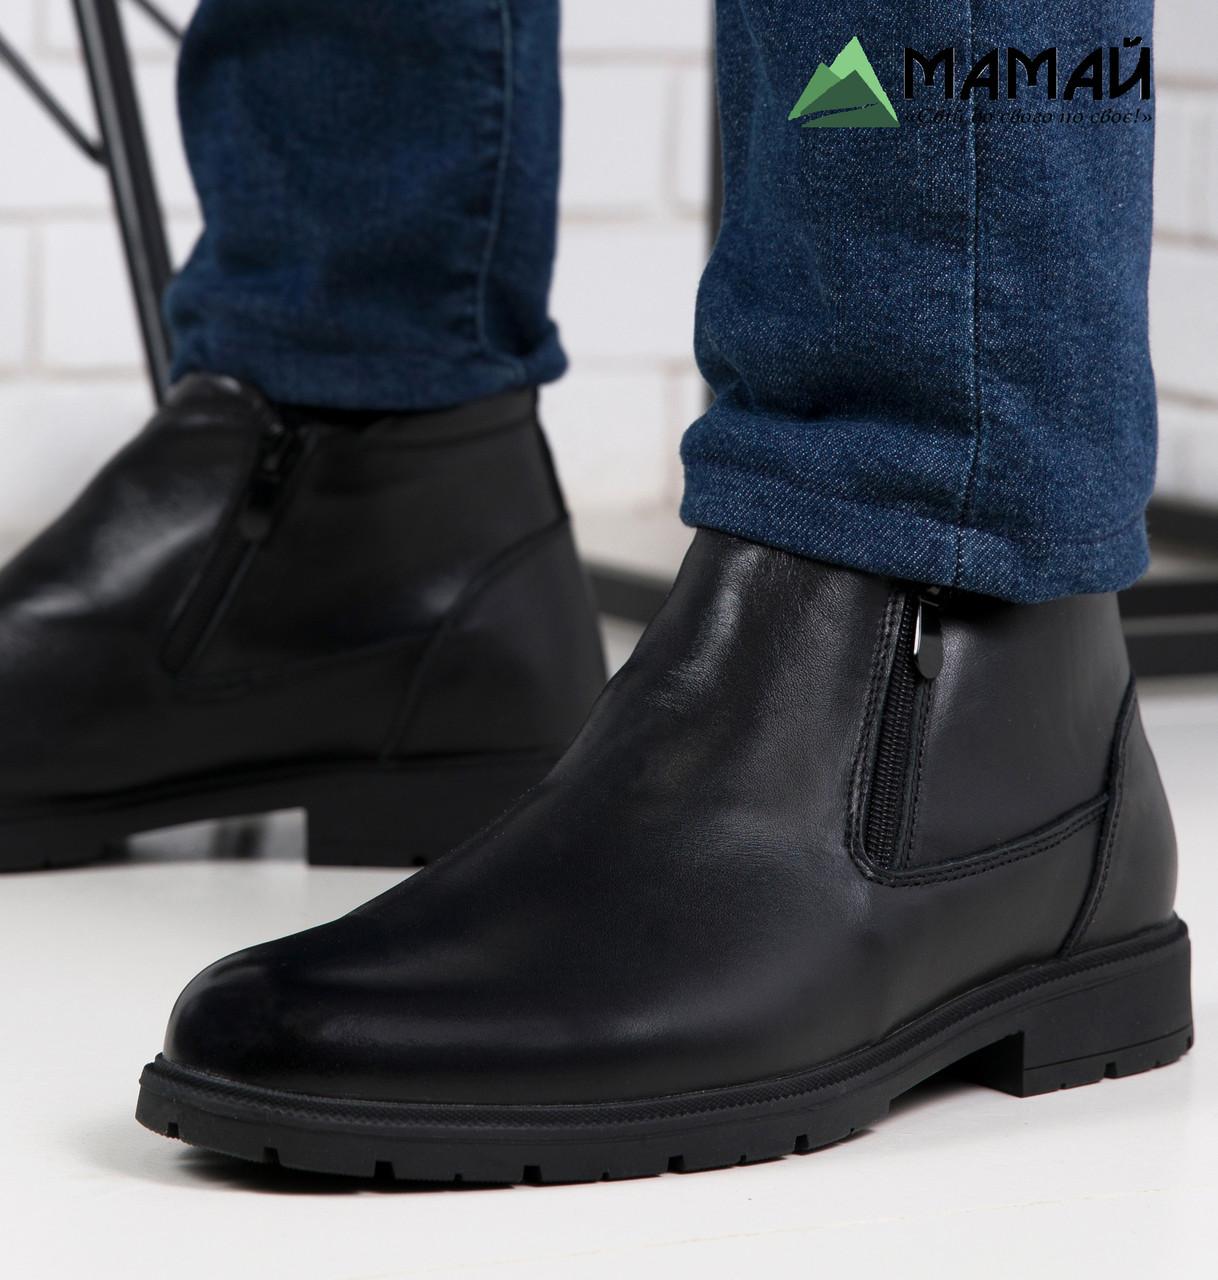 Мужские зимние ботинки из натуральной кожи -20°C